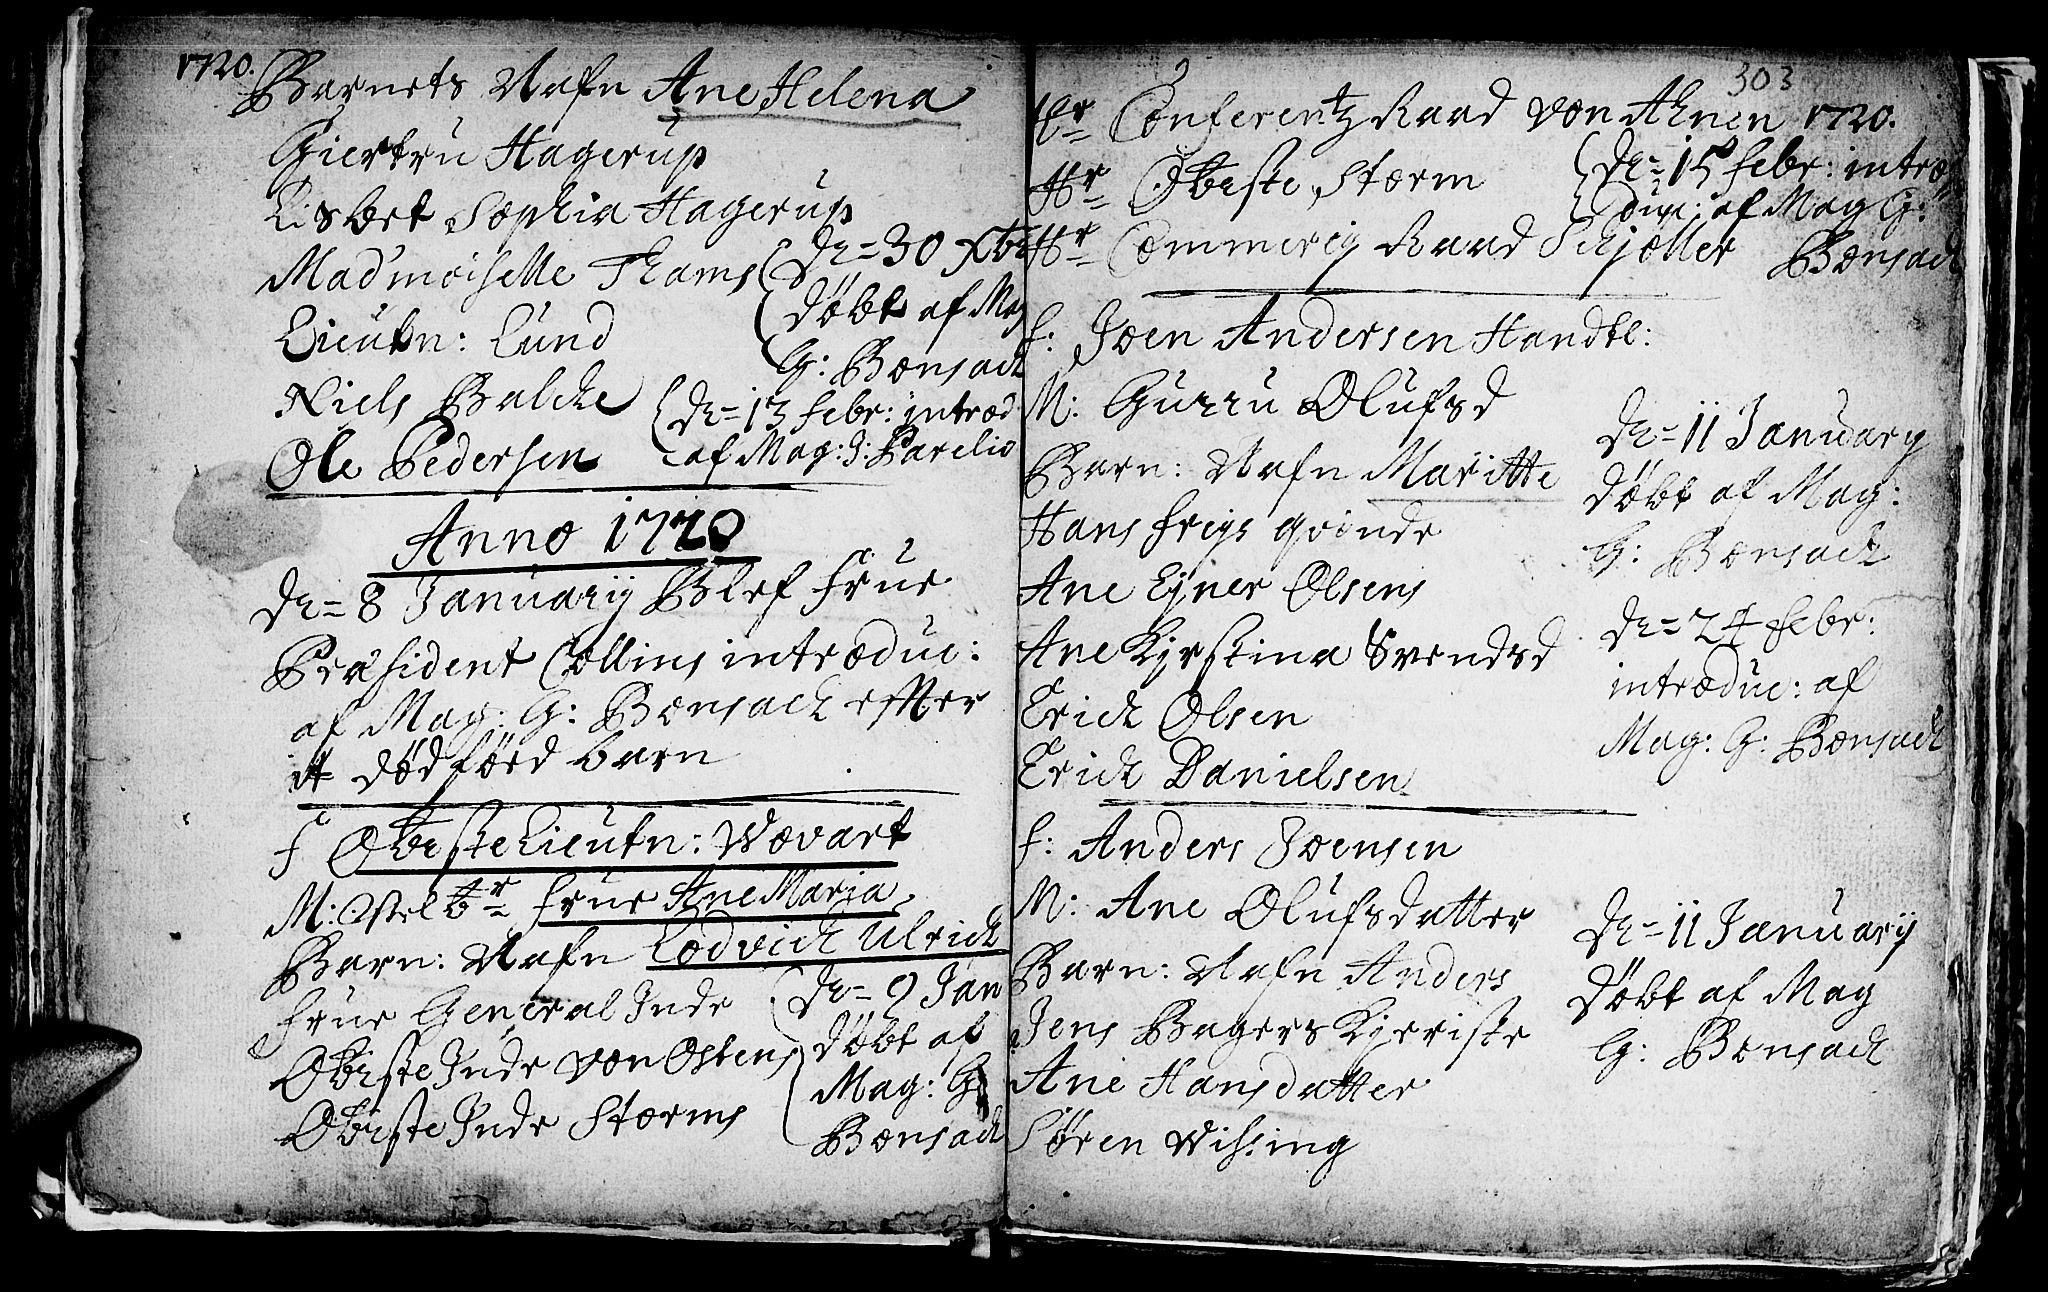 SAT, Ministerialprotokoller, klokkerbøker og fødselsregistre - Sør-Trøndelag, 601/L0035: Ministerialbok nr. 601A03, 1713-1728, s. 303